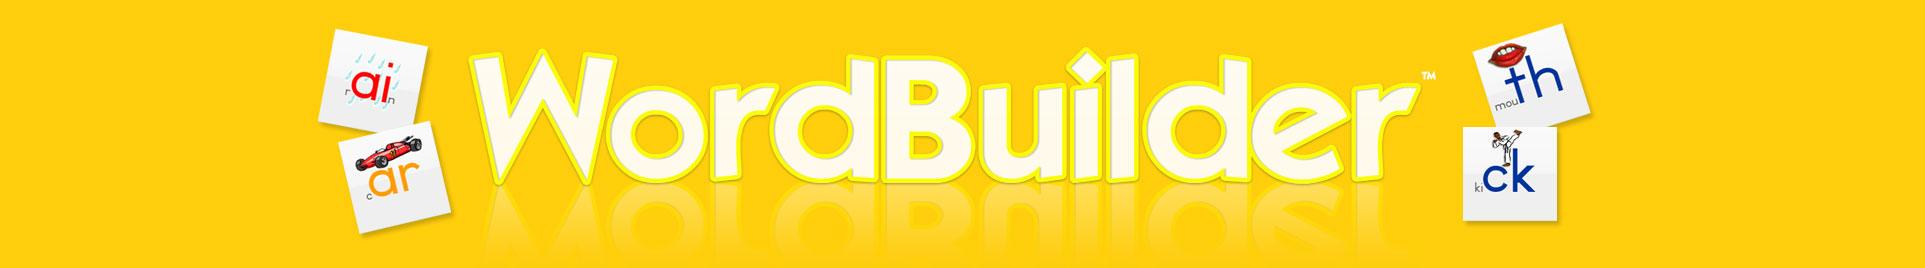 website_wordbuilder_banner_thin.jpg